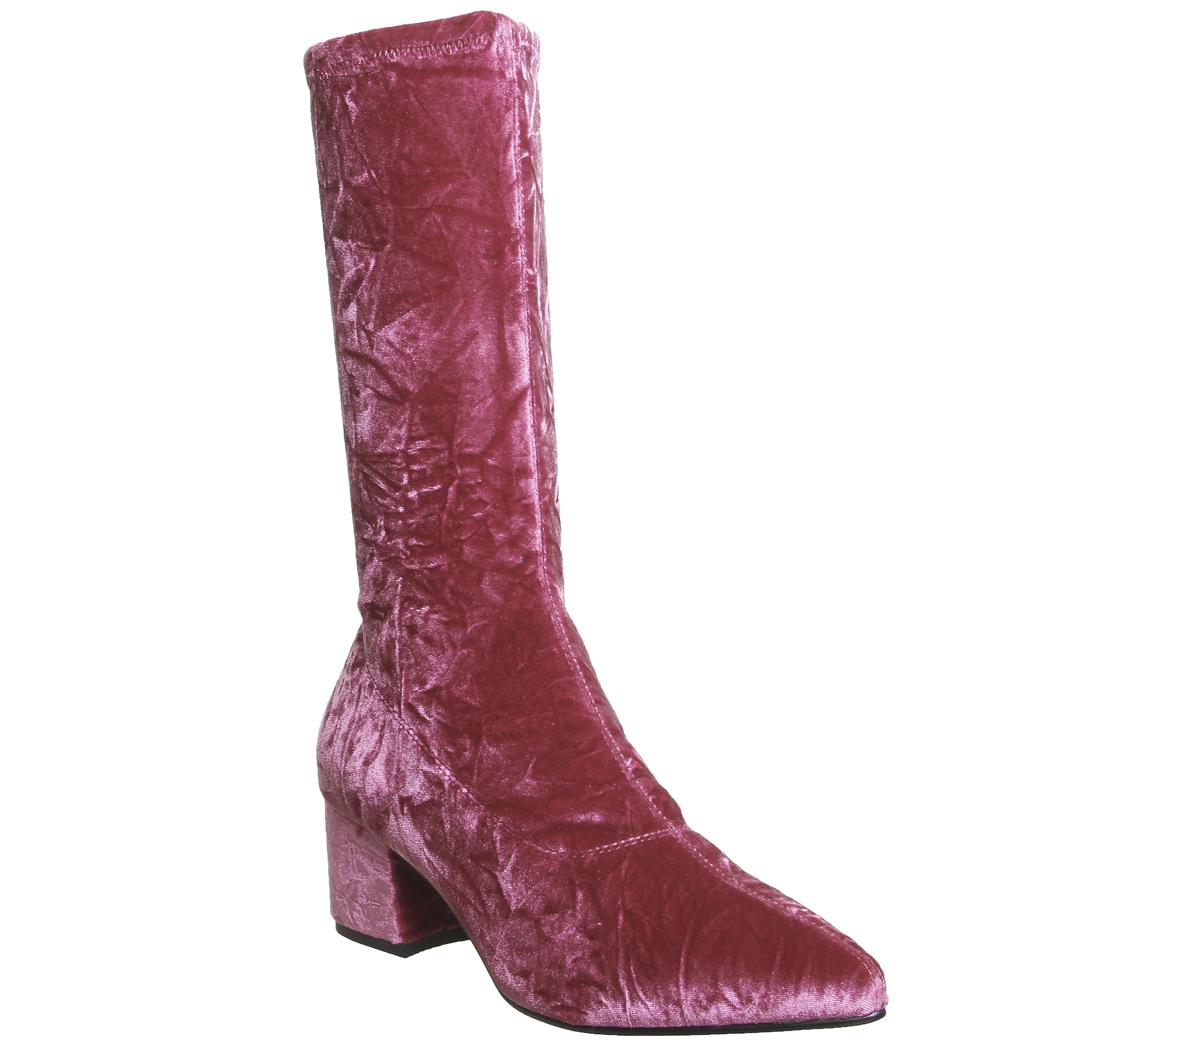 bd9149c166a6 Sentinel Womens Vagabond Mya Tall Boots Pink Velvet Boots. Sentinel  Thumbnail 2